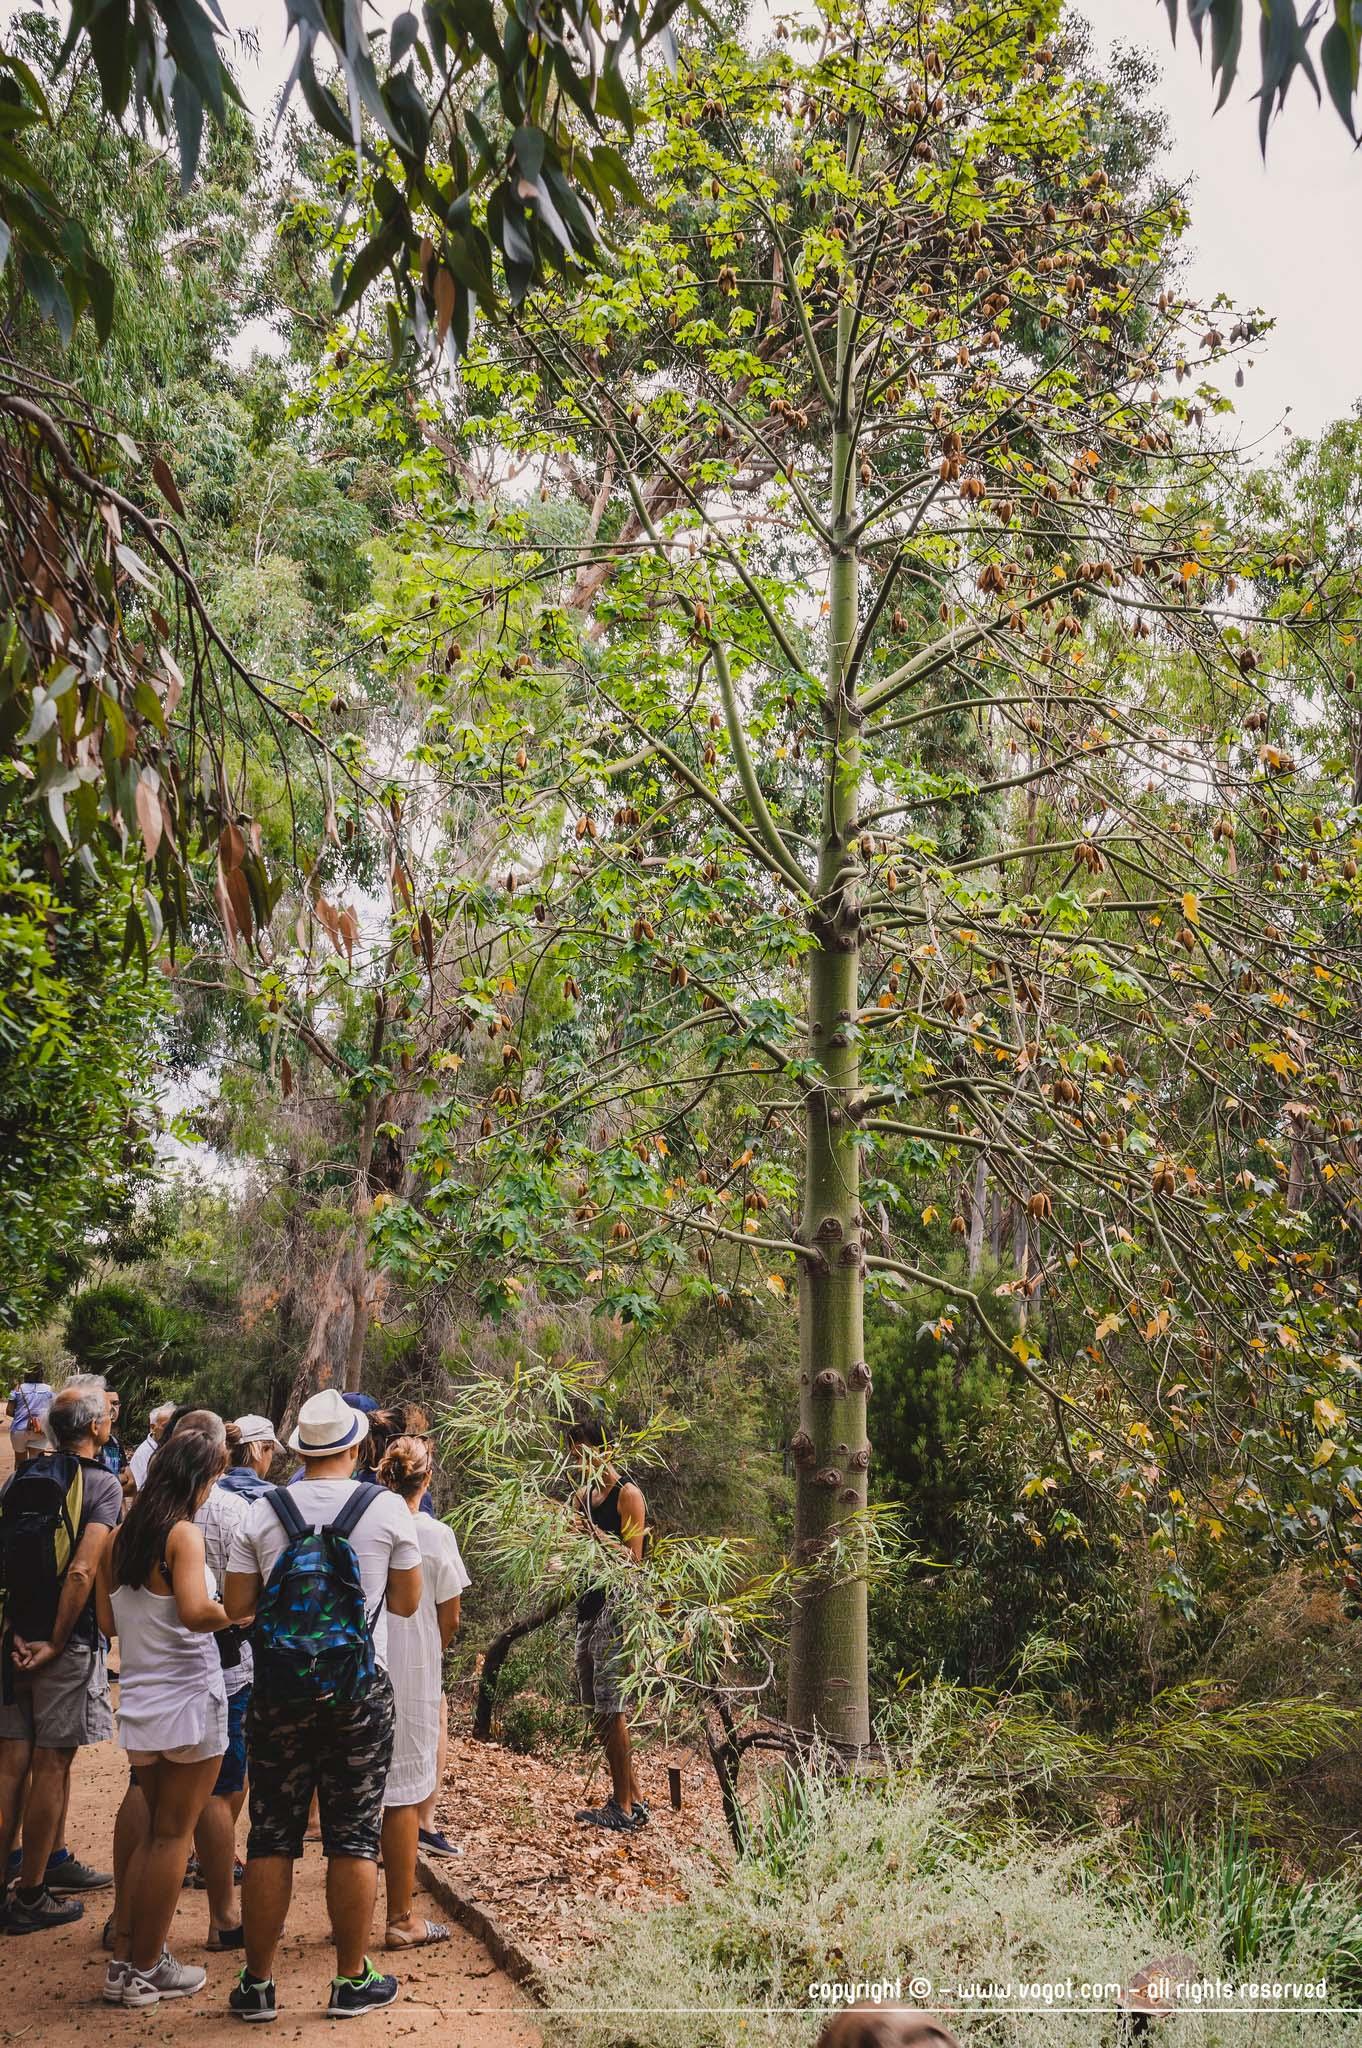 Dans le jardin d'Australie